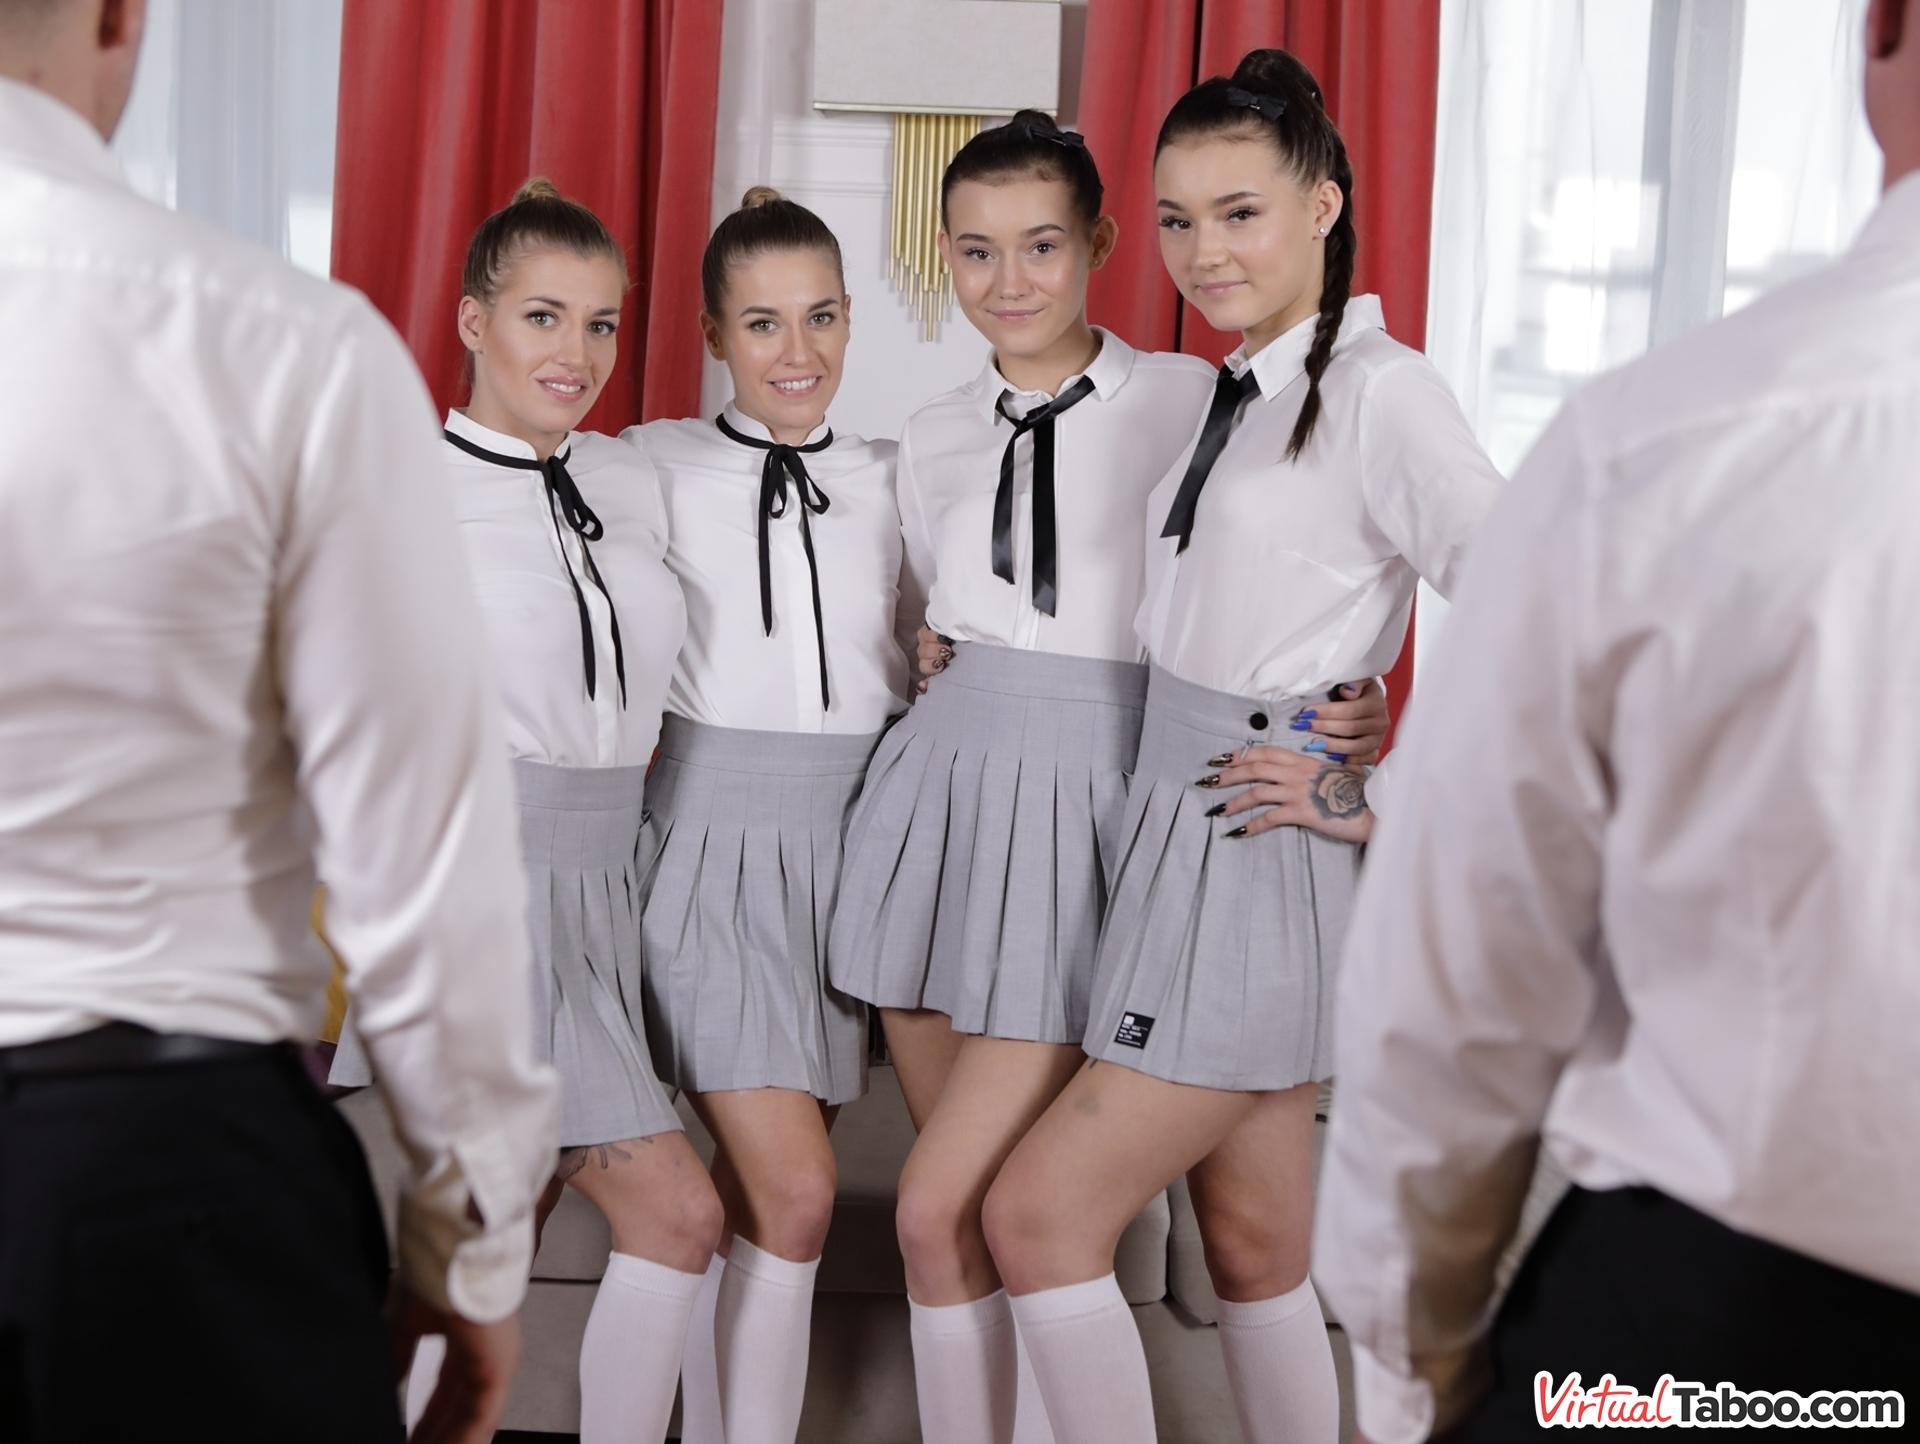 Eveline Dellai & Silvia Dellai & Lady Zee & Sandra Zee VRPron